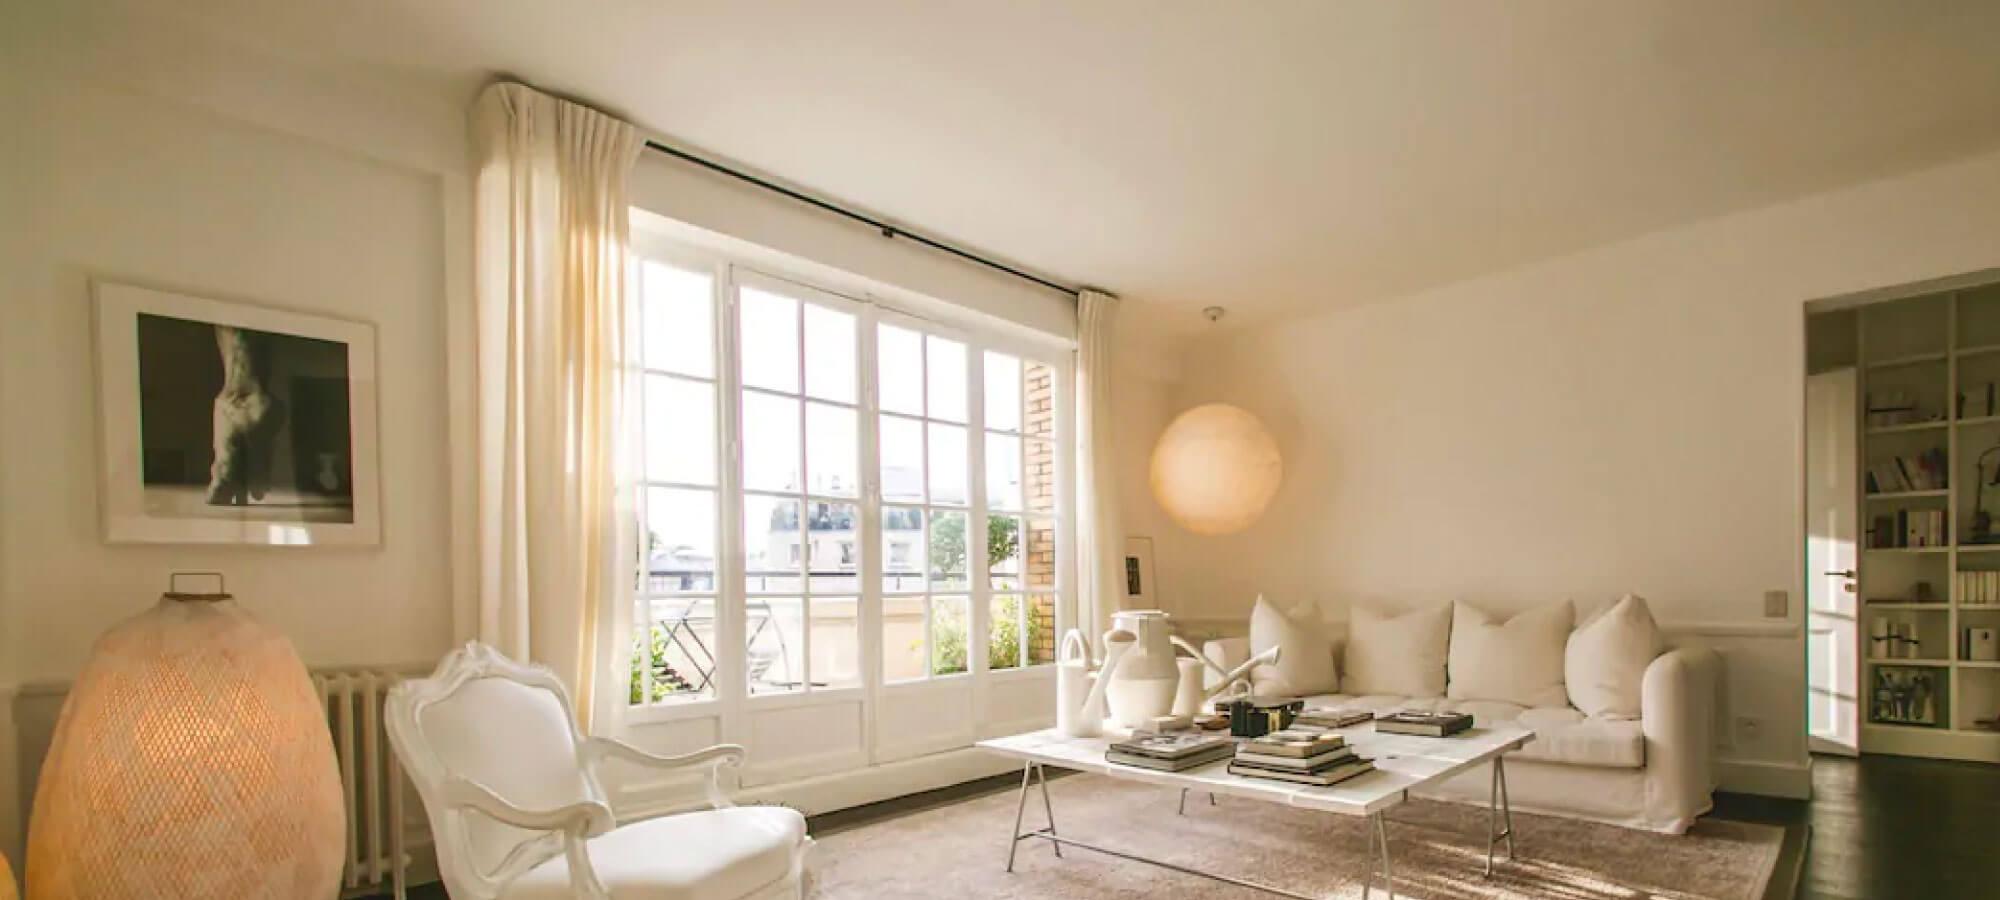 remplacement-fenetres-appartement-paris-16